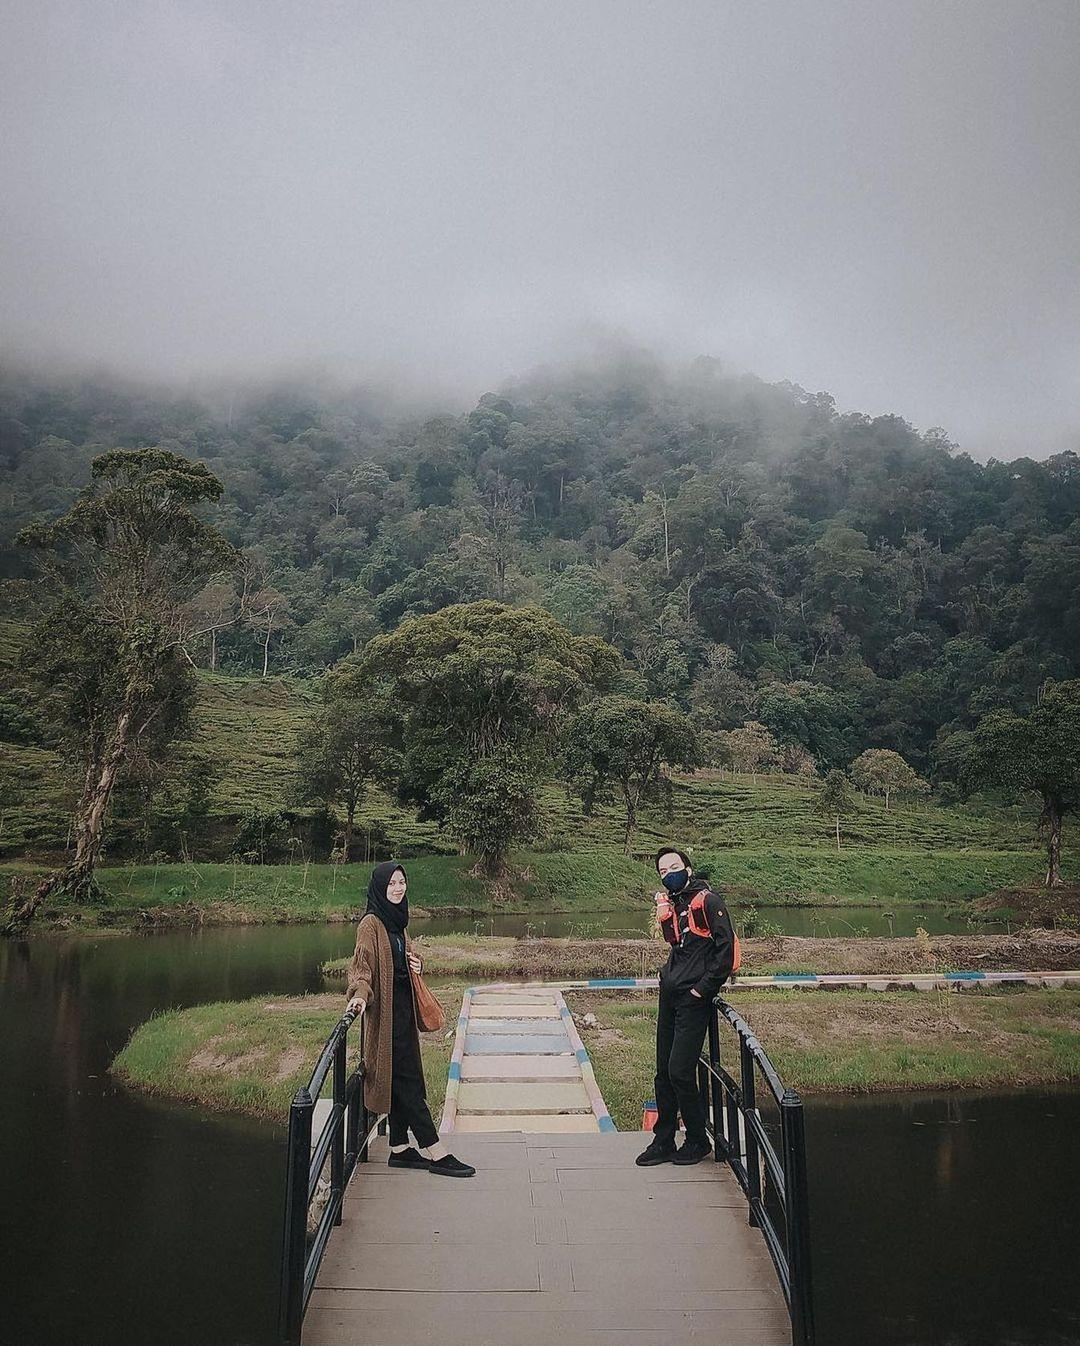 5 Tempat Wisata di Bogor yang Cocok untuk Berakhir Pekan, Dijamin Seru - Foto 5